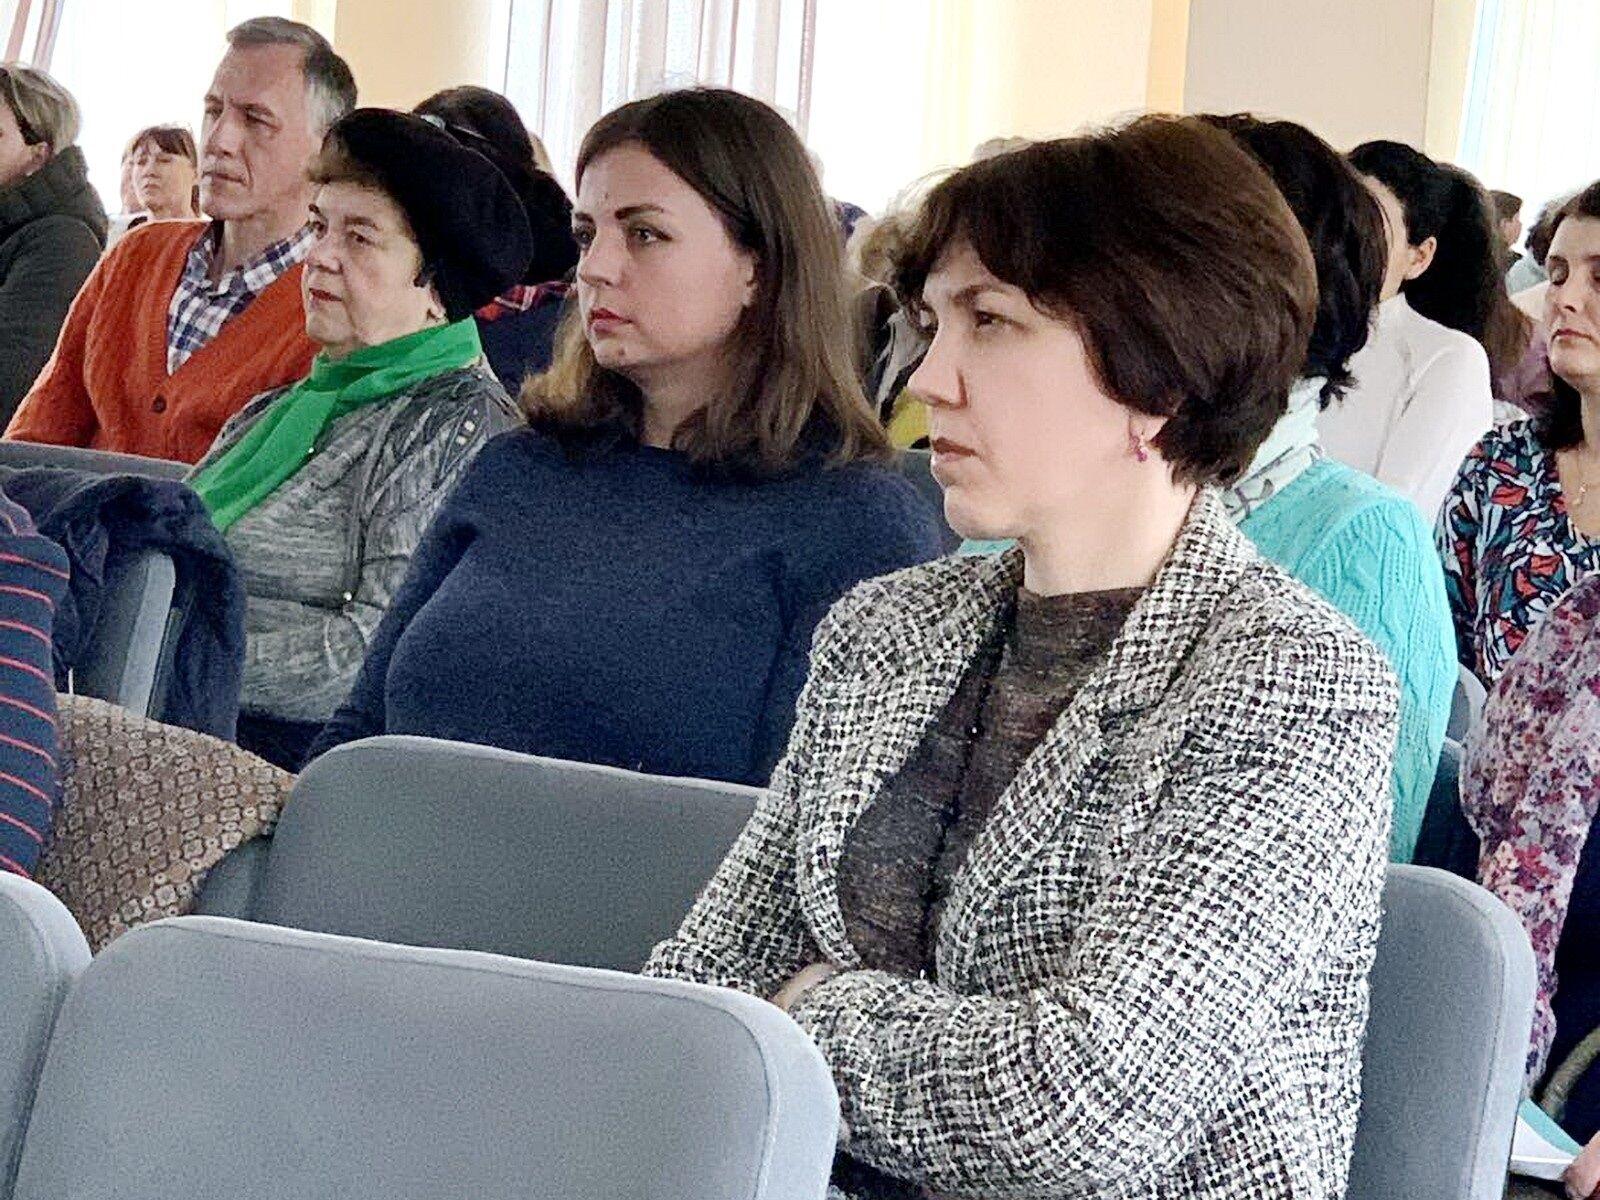 В Одессе ученикам и учителям читают лекции о коронавирусе